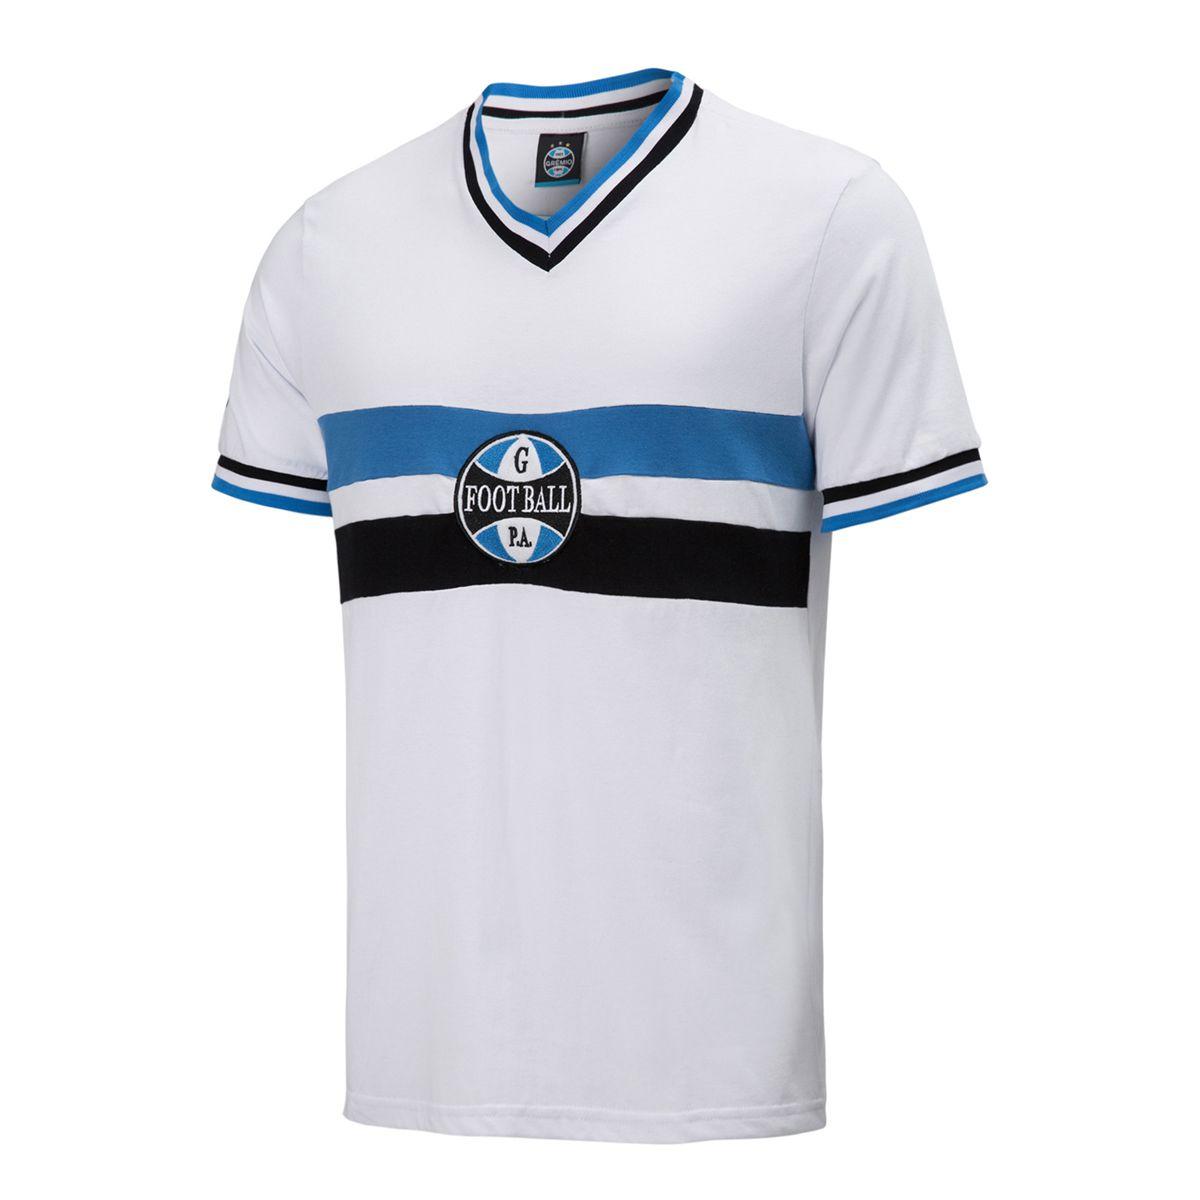 f2ce7787e6186 Camisa Grêmio Retrô 1960 Masculina - Retrôgol